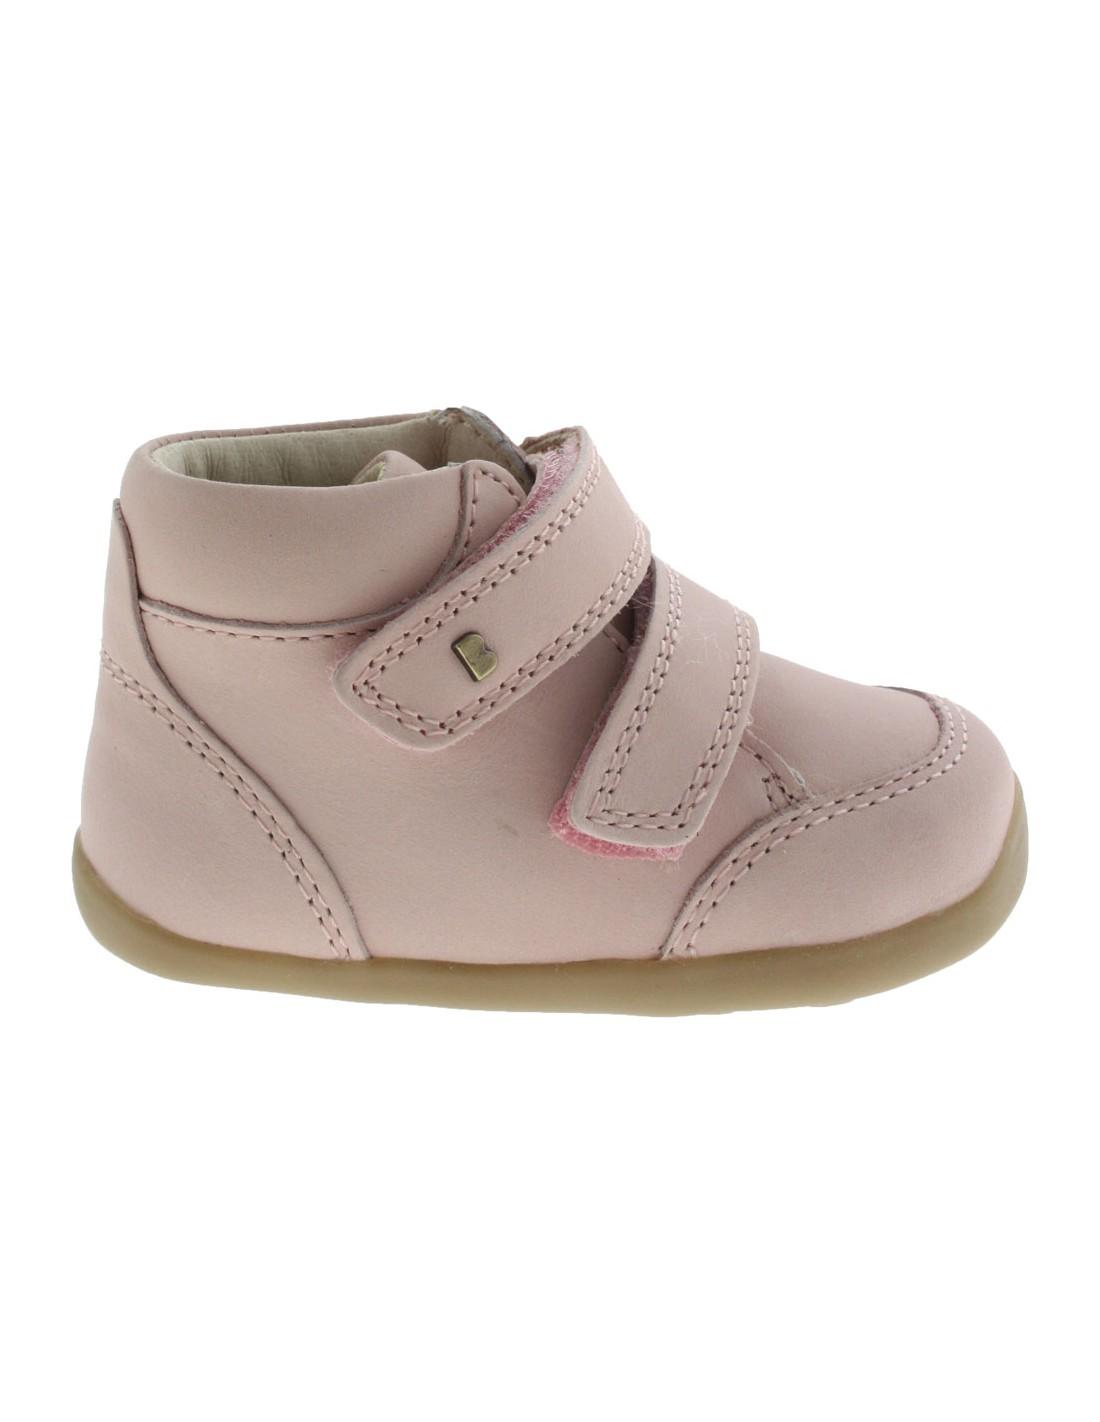 nuovi oggetti nuova collezione morbido e leggero Scarpe Bobux bambina primi passi Timber boot rosa